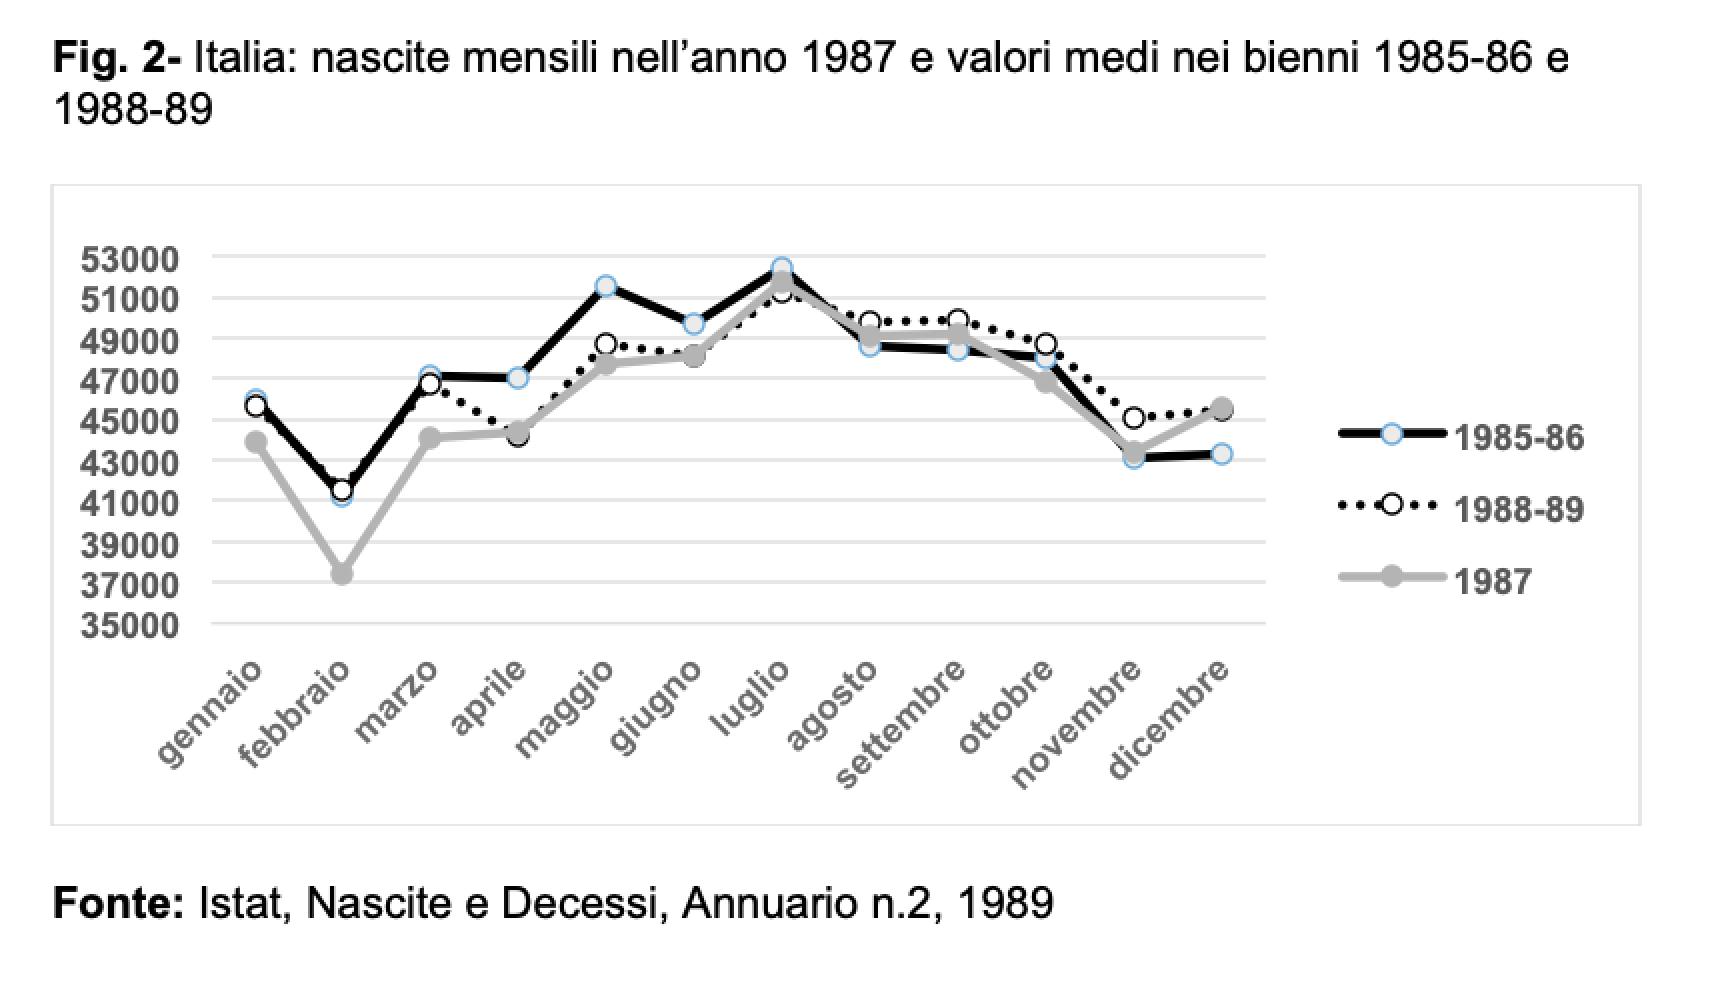 Fig. 2 - Italia: nascite mensili nell'anno 1987 e valori medi nei bienni 1985-86 e 1988-89